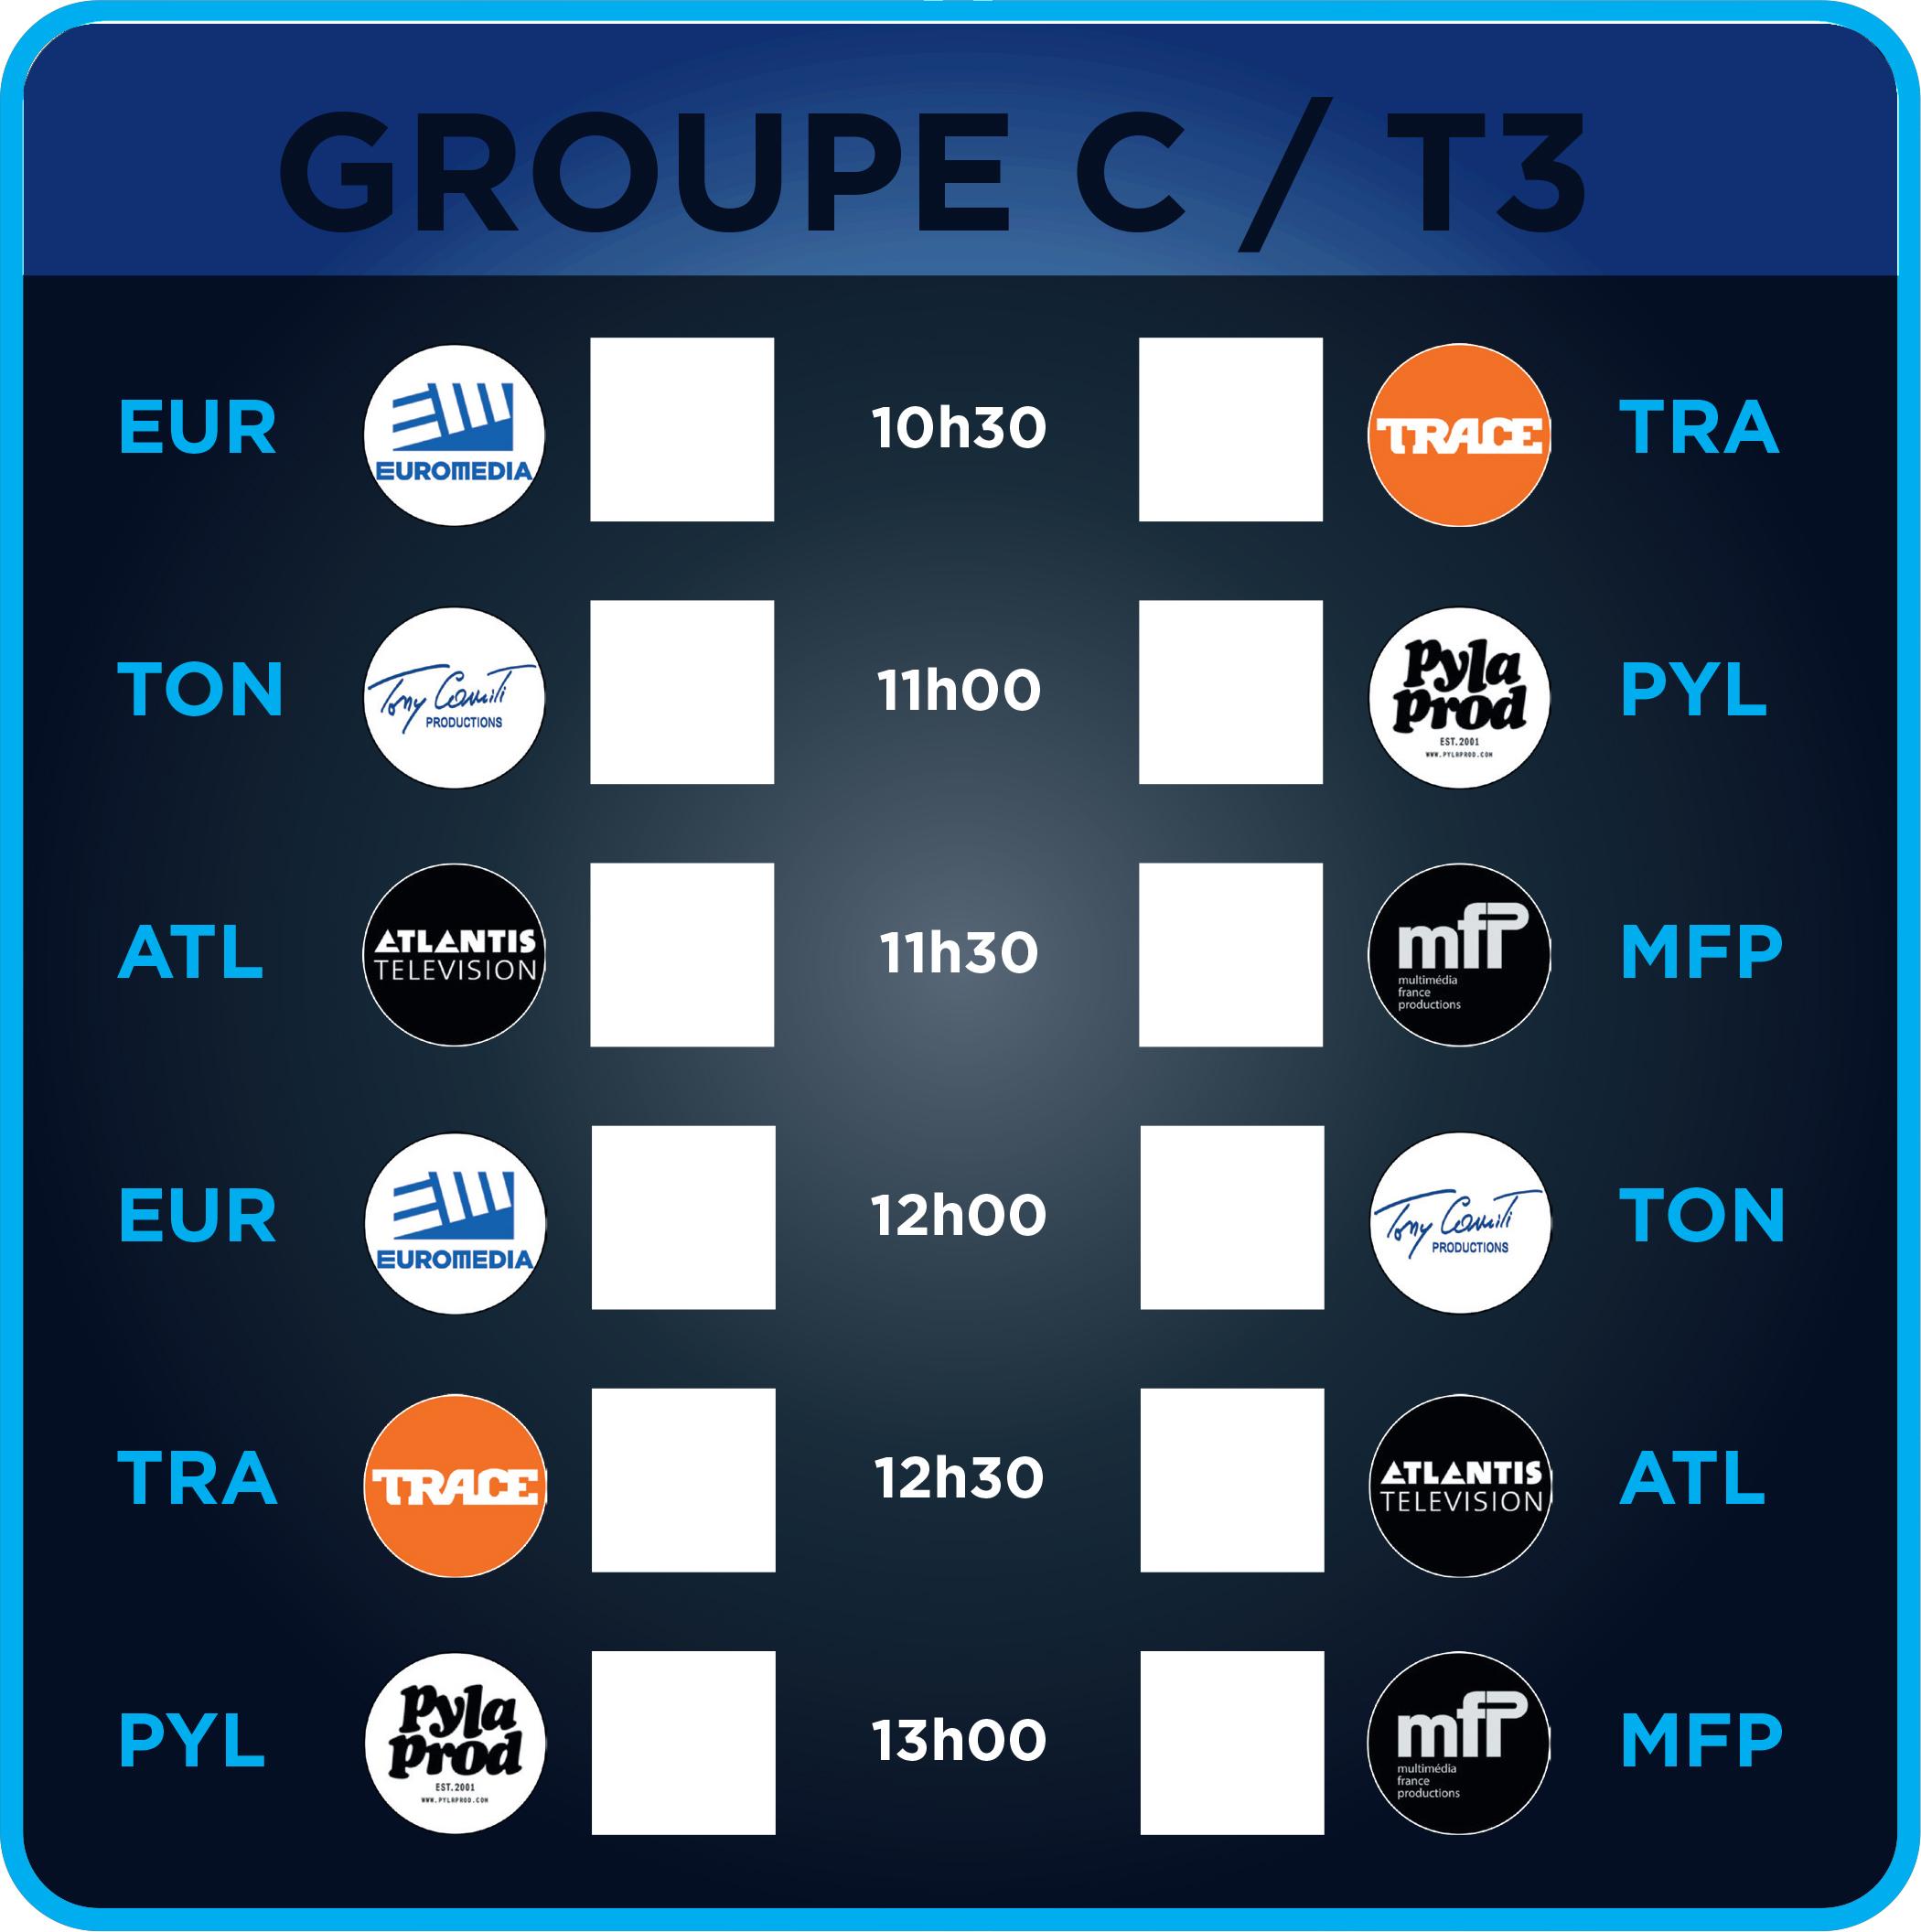 Groupe C - Terrain 3